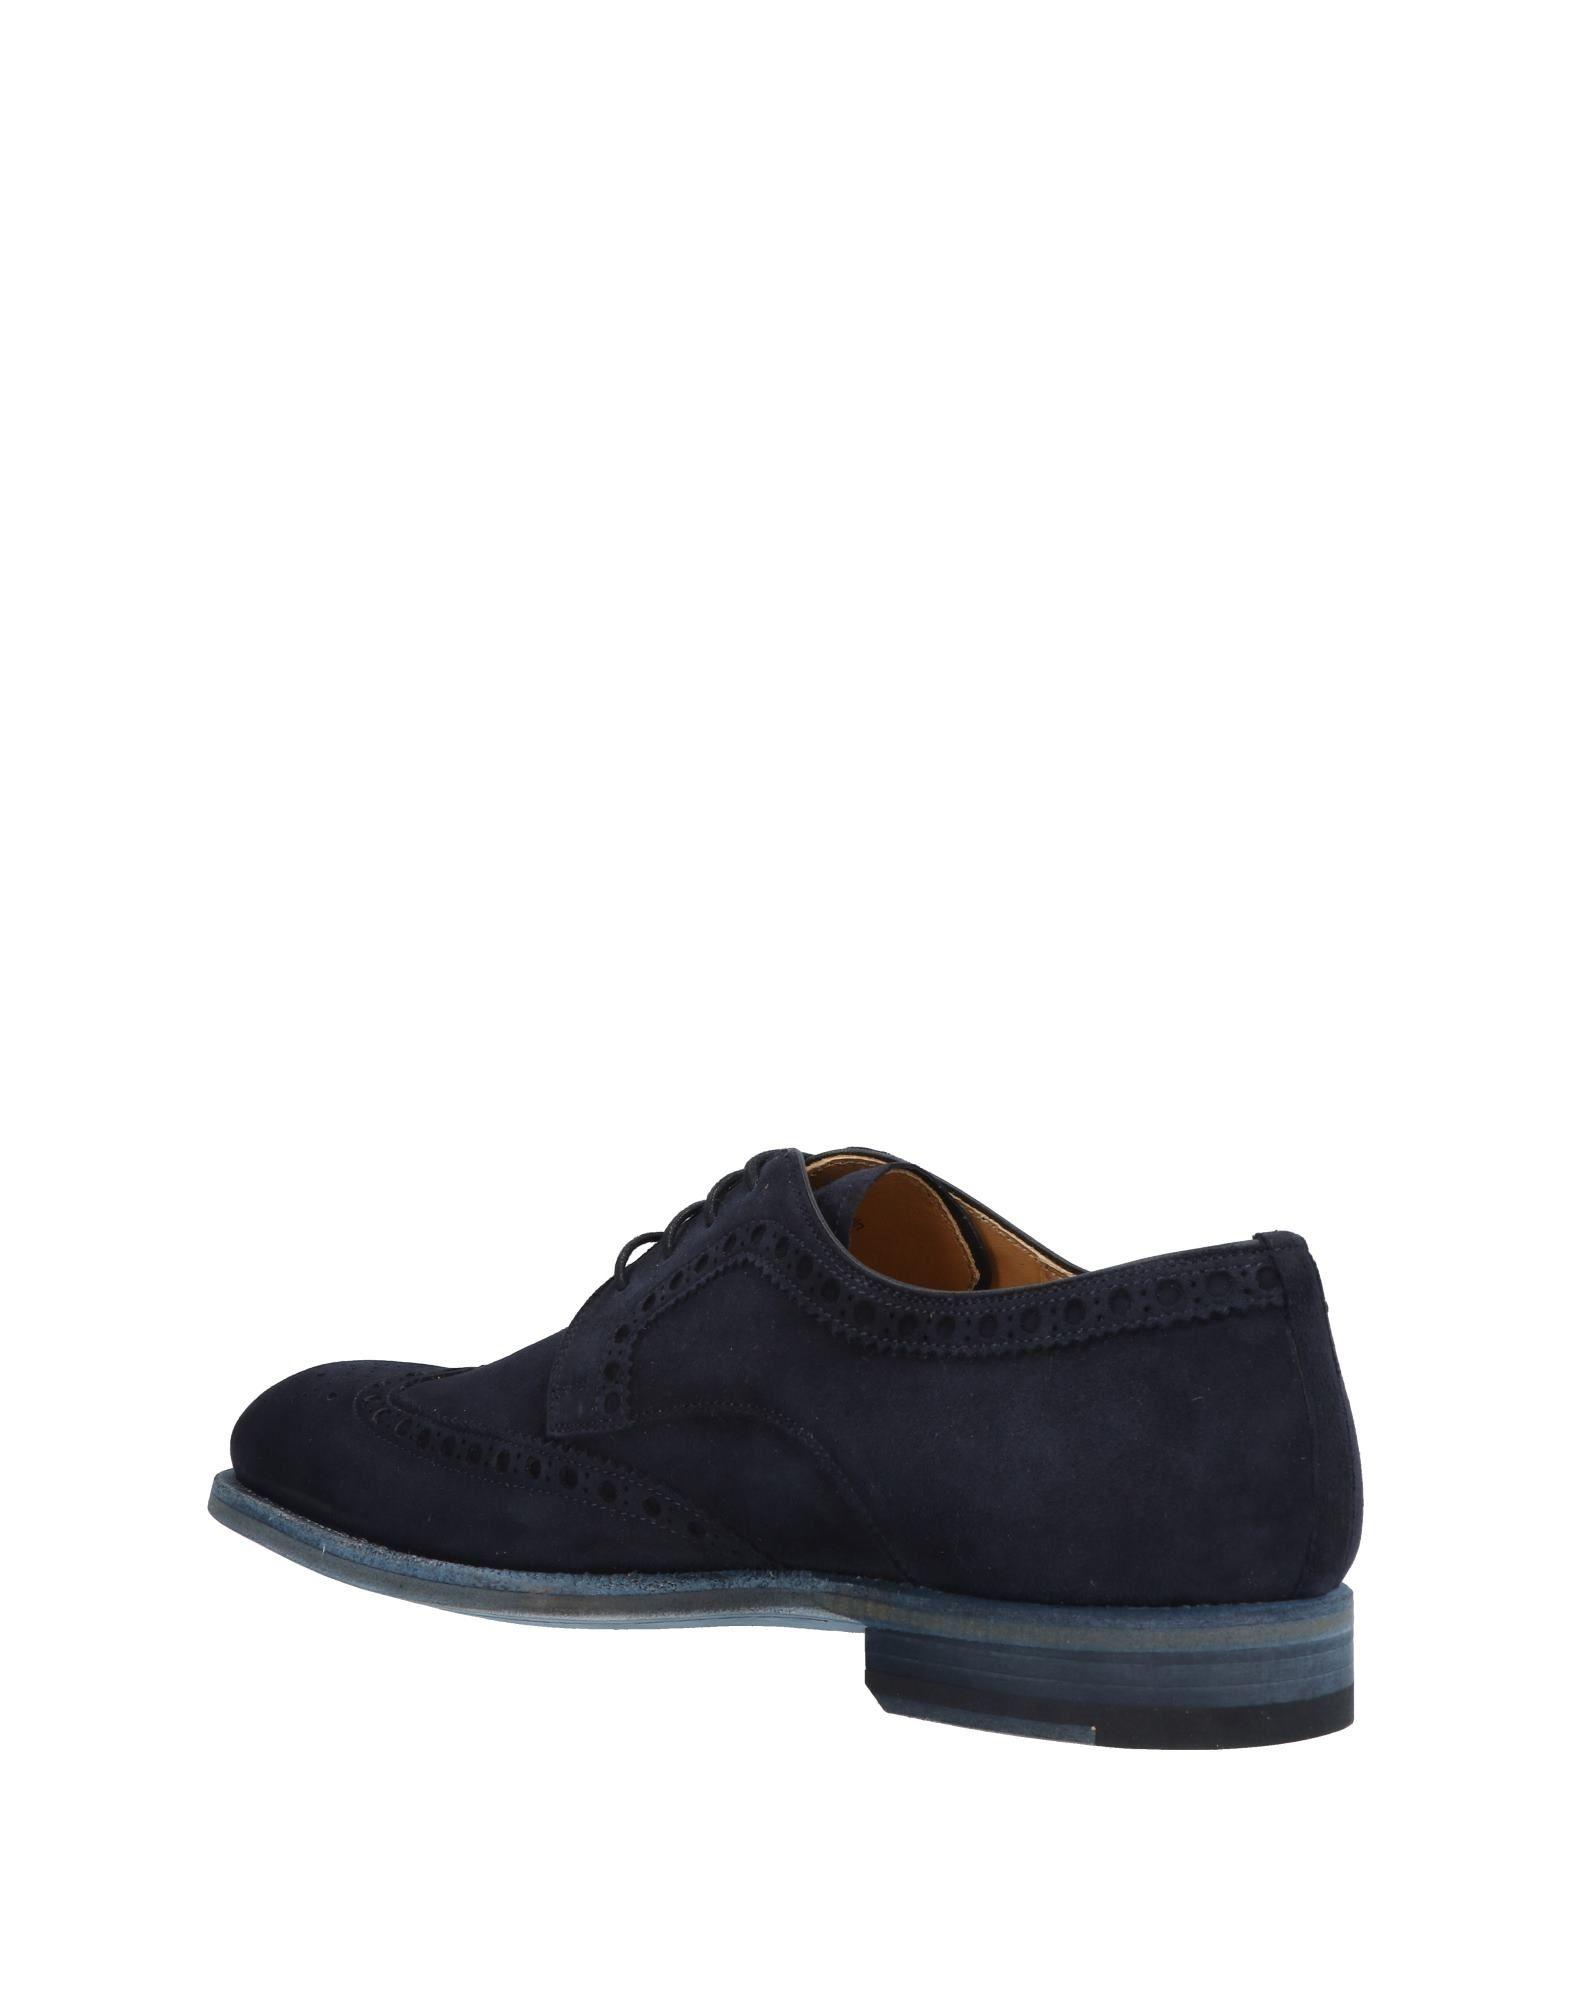 Chaussures - Tribunaux Scheilan SINICaFC